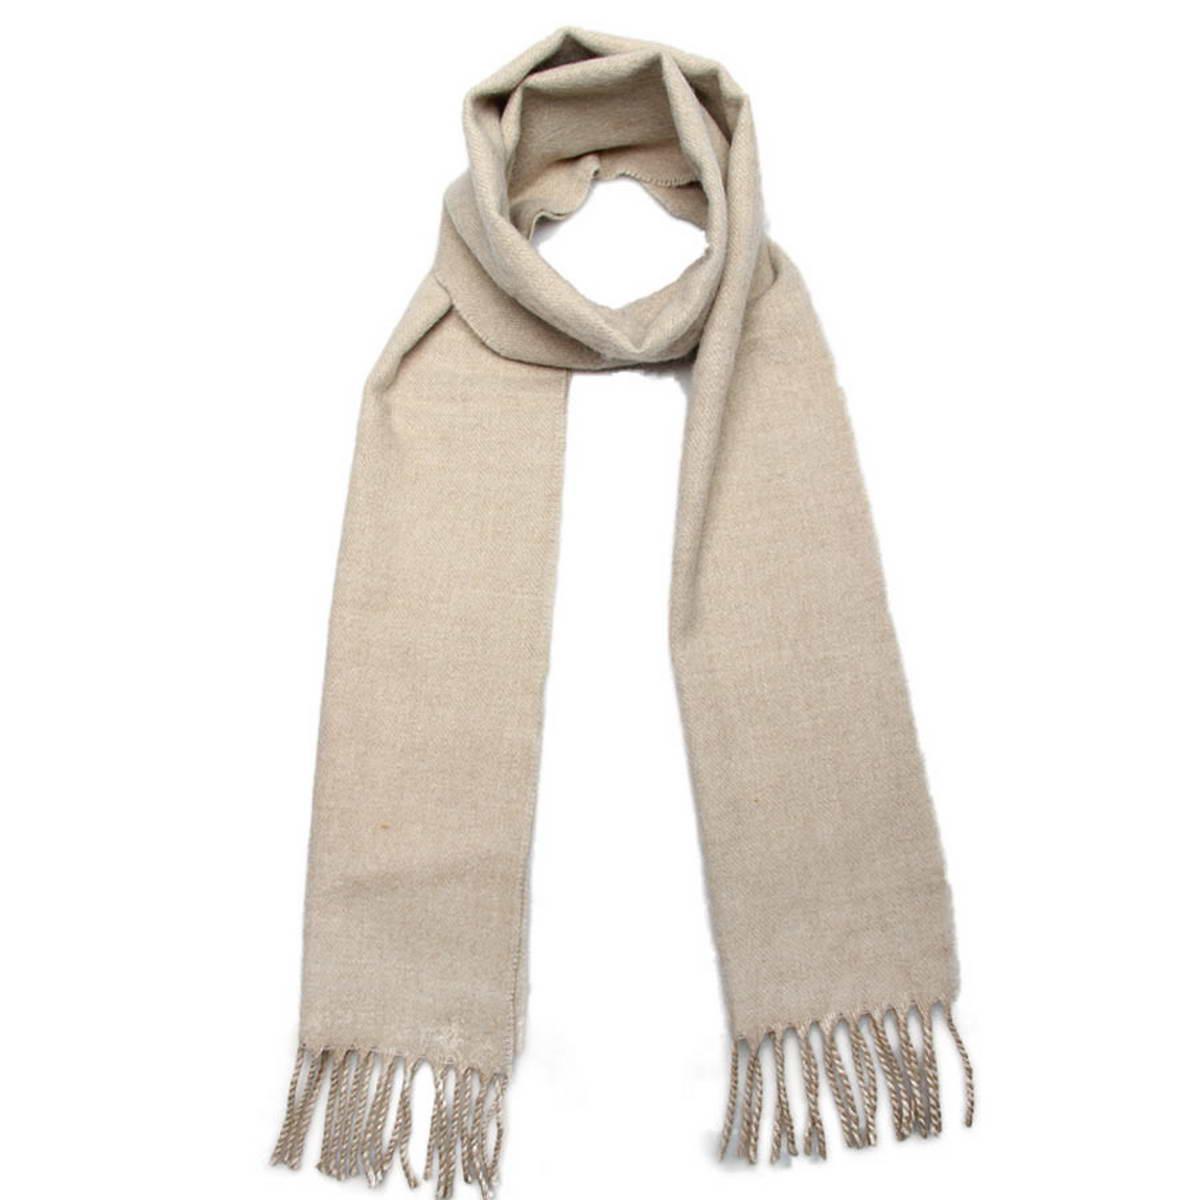 Шарф5003132-11Элегантный мужской шарф Venera согреет вас в холодное время года, а также станет изысканным аксессуаром, который призван подчеркнуть ваш стиль и индивидуальность. Оригинальный теплый шарф выполнен из высококачественной пряжи из шерсти и акрила. Однотонный шарф имеет строгую классическую расцветку и дополнен жгутиками по краю. Такой шарф станет превосходным дополнением к любому наряду, защитит вас от ветра и холода и позволит вам создать свой неповторимый стиль.